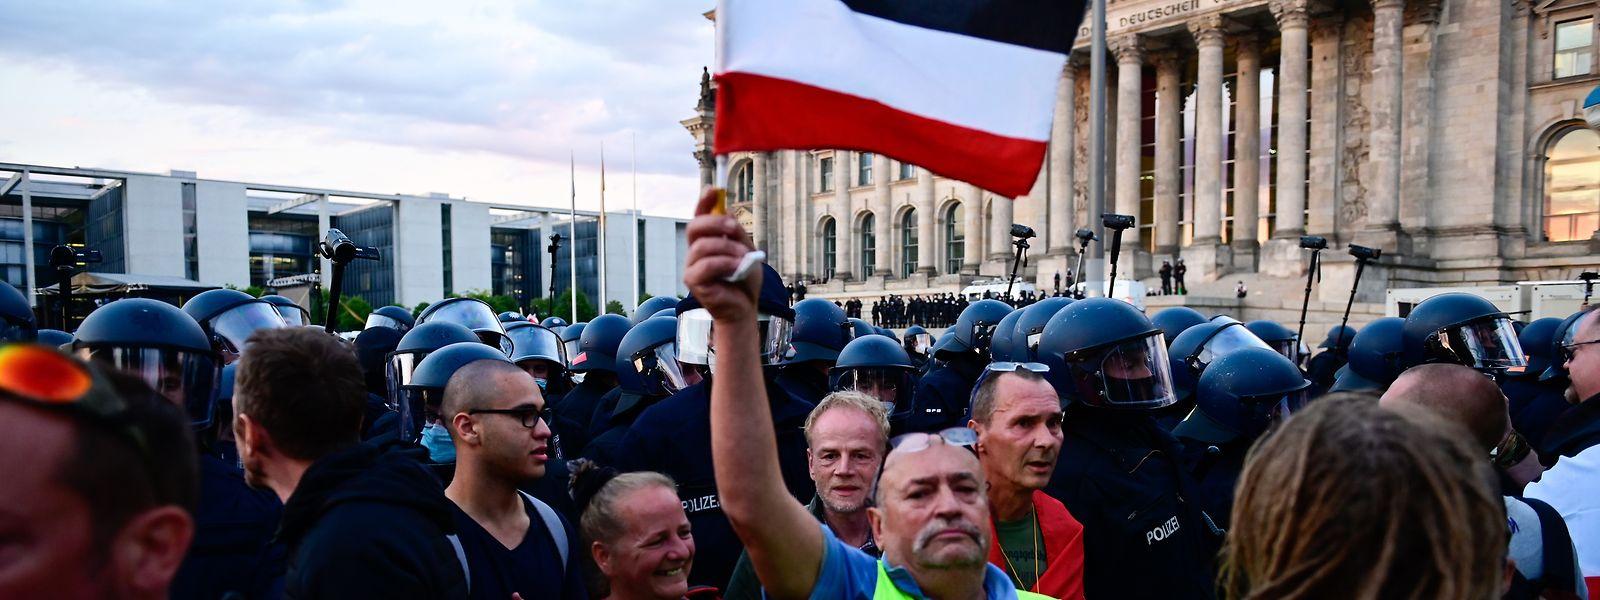 Teilnehmer einer Kundgebung gegen die Corona-Maßnahmen stehen vor dem Berliner Reichstag.